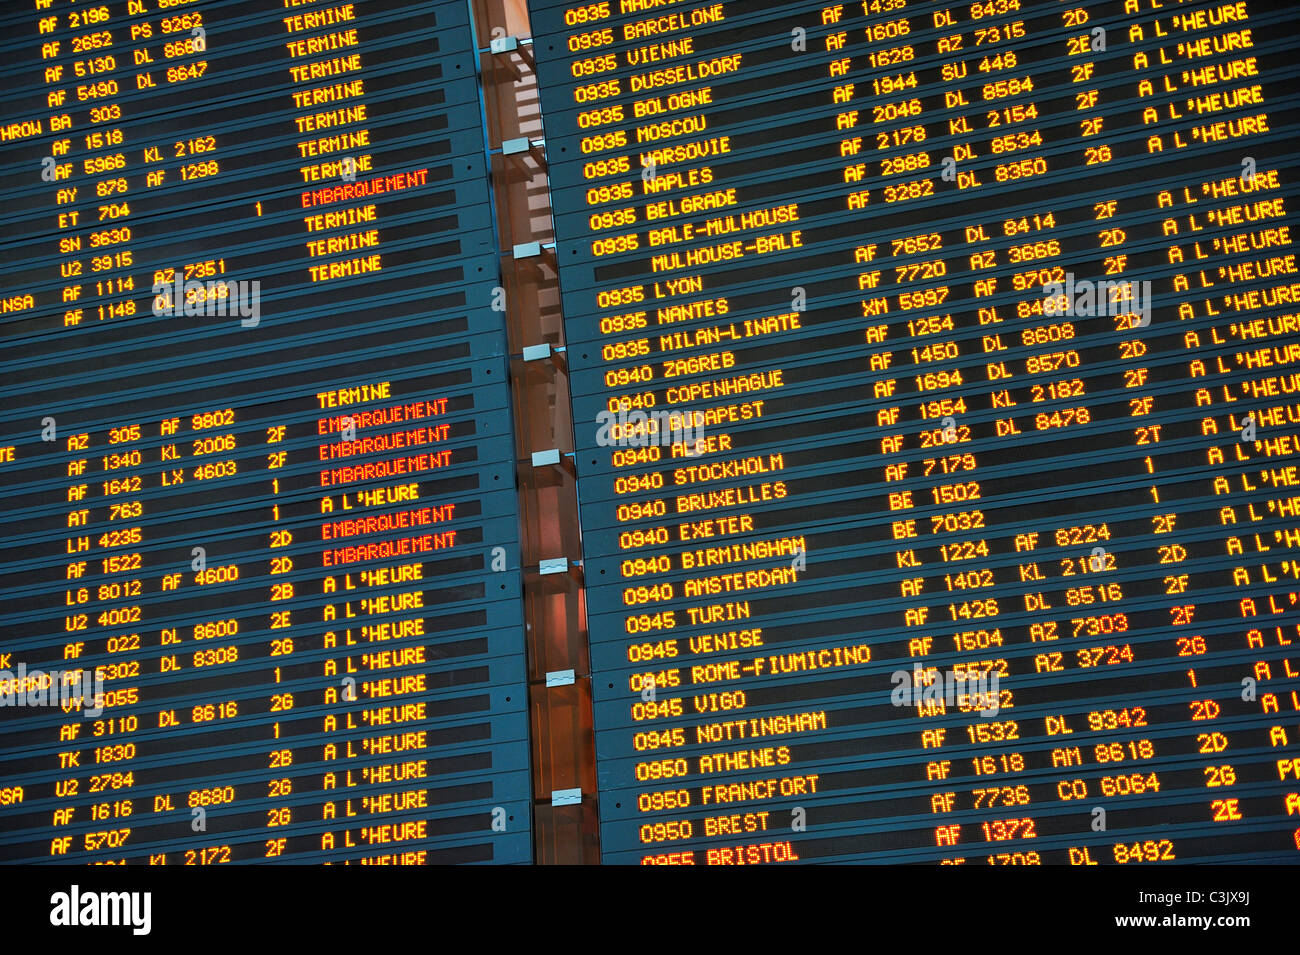 Arrivo / Partenza pensione a Parigi Charles de Gaulle Aeroporto Internazionale, Francia Immagini Stock